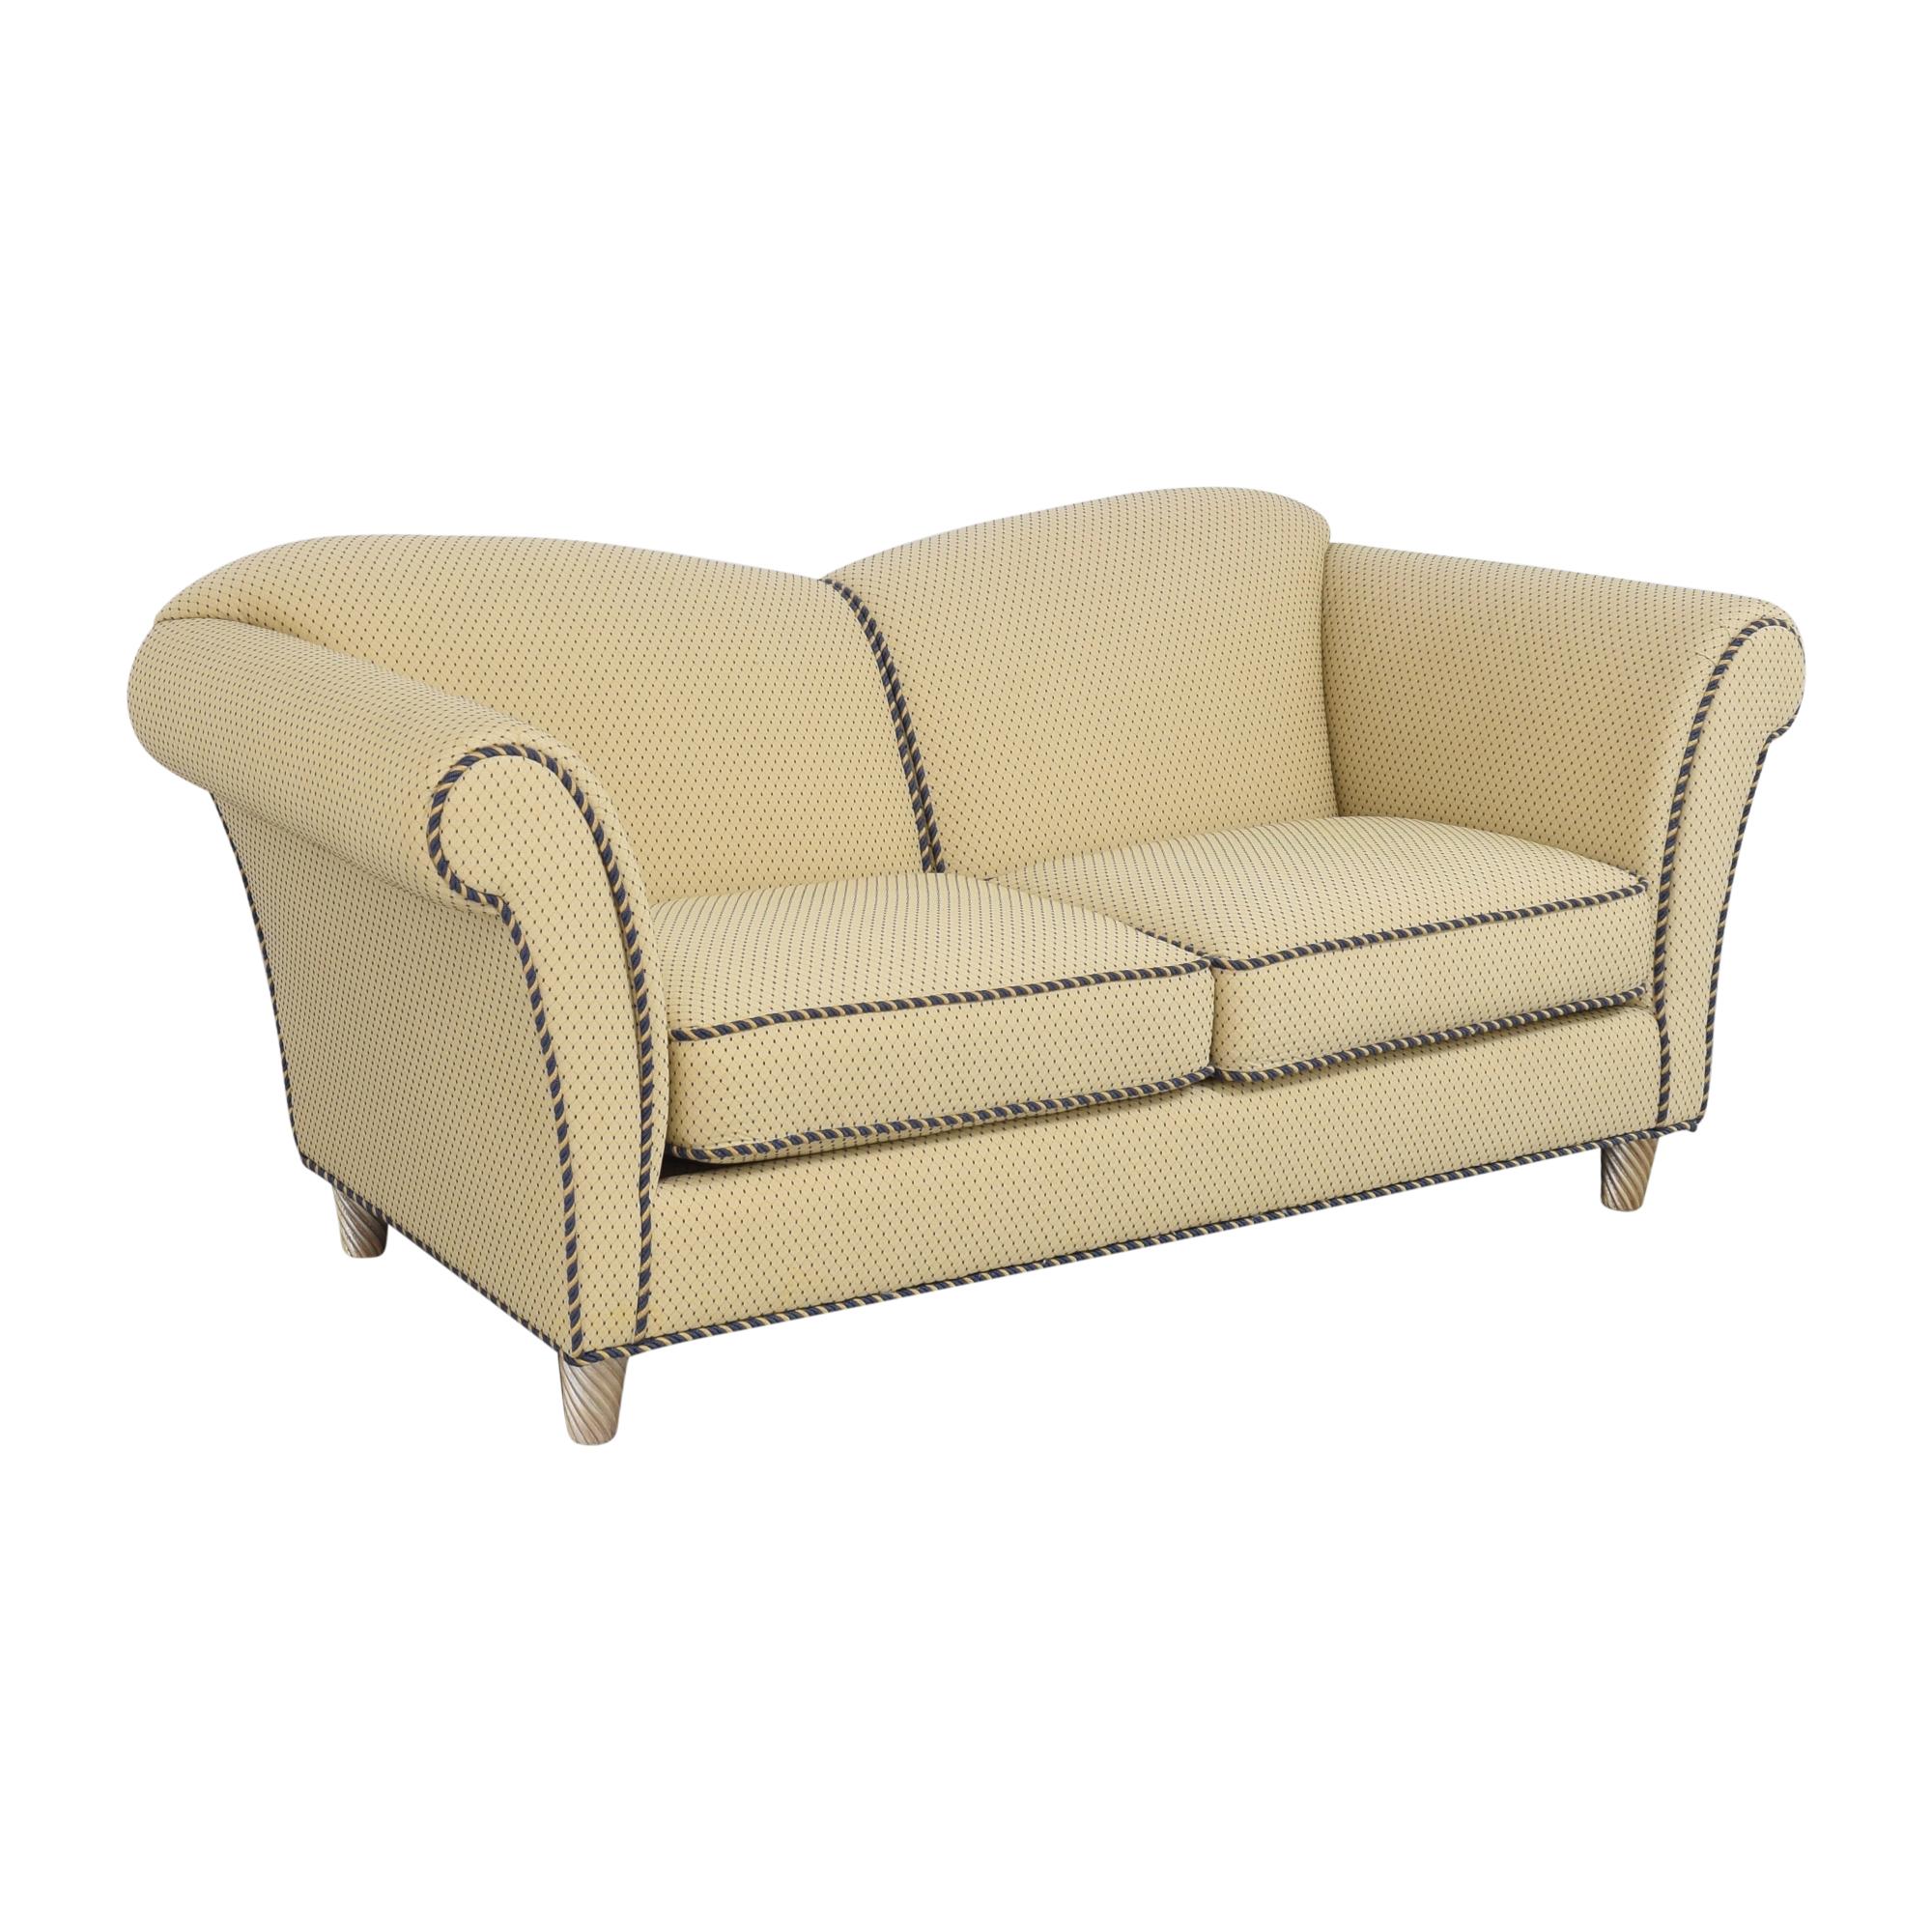 Kravet Kravet Custom Two Cushion Sofa